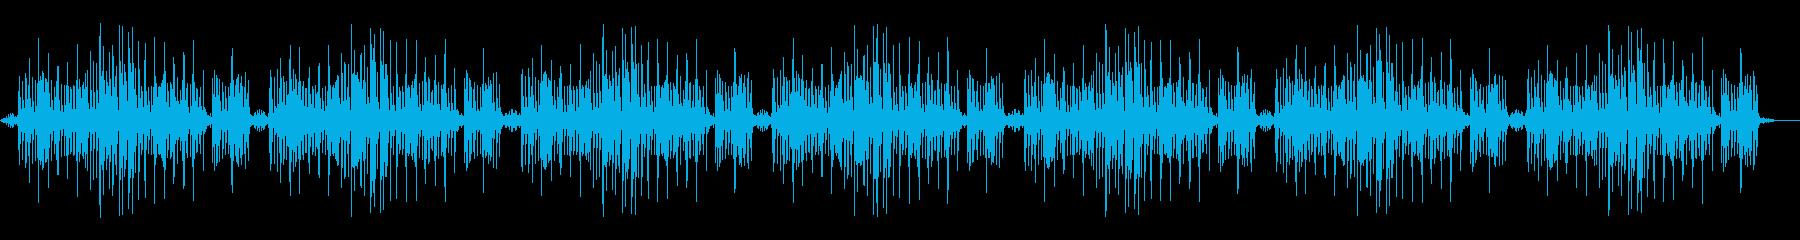 涼しい夏/日本の風情/和風/琴のBGMの再生済みの波形